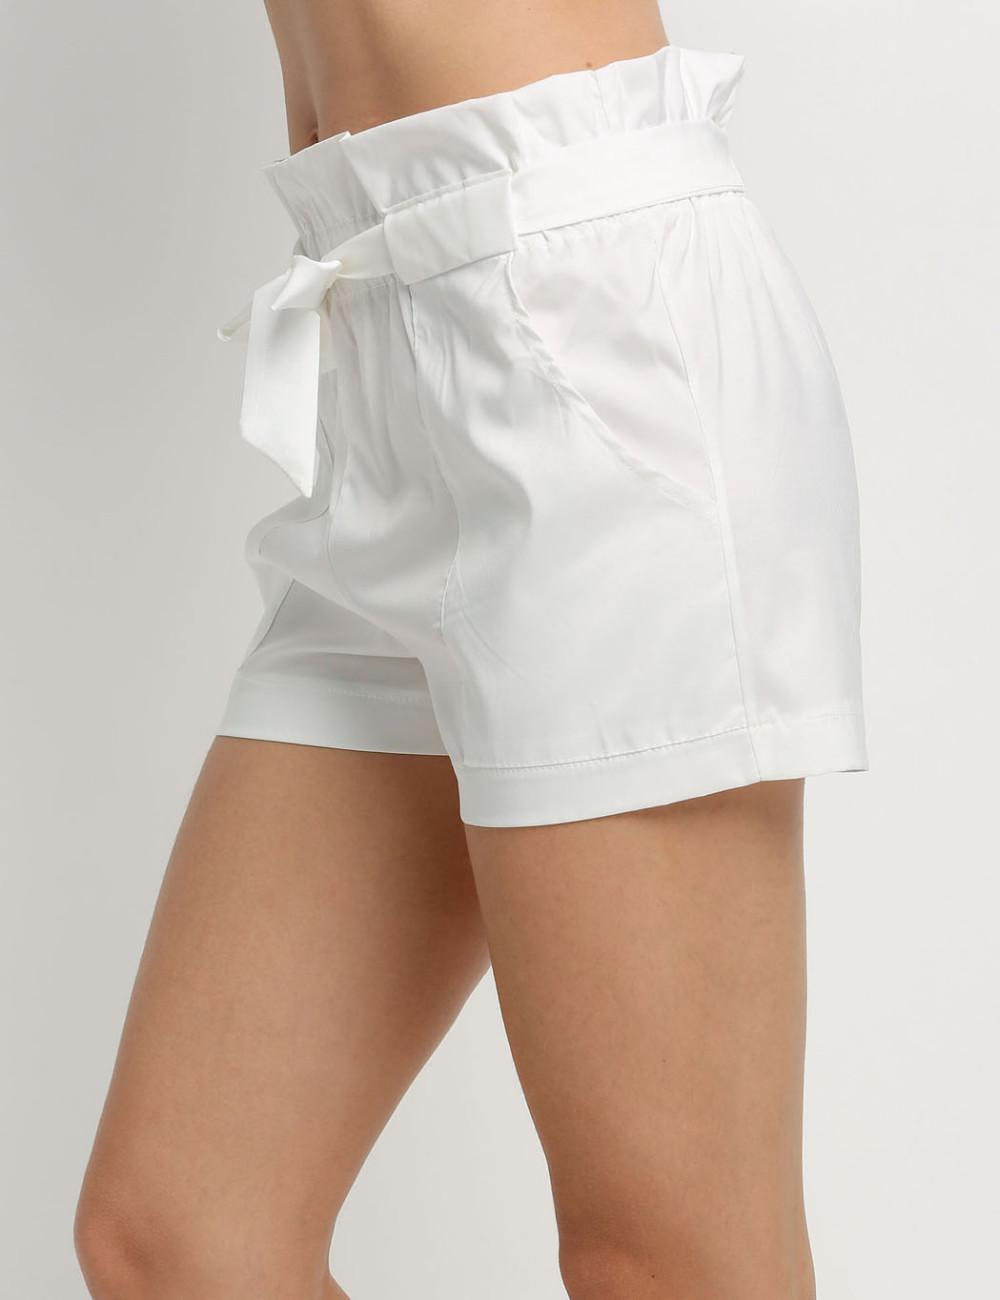 high waist shorts women (13)